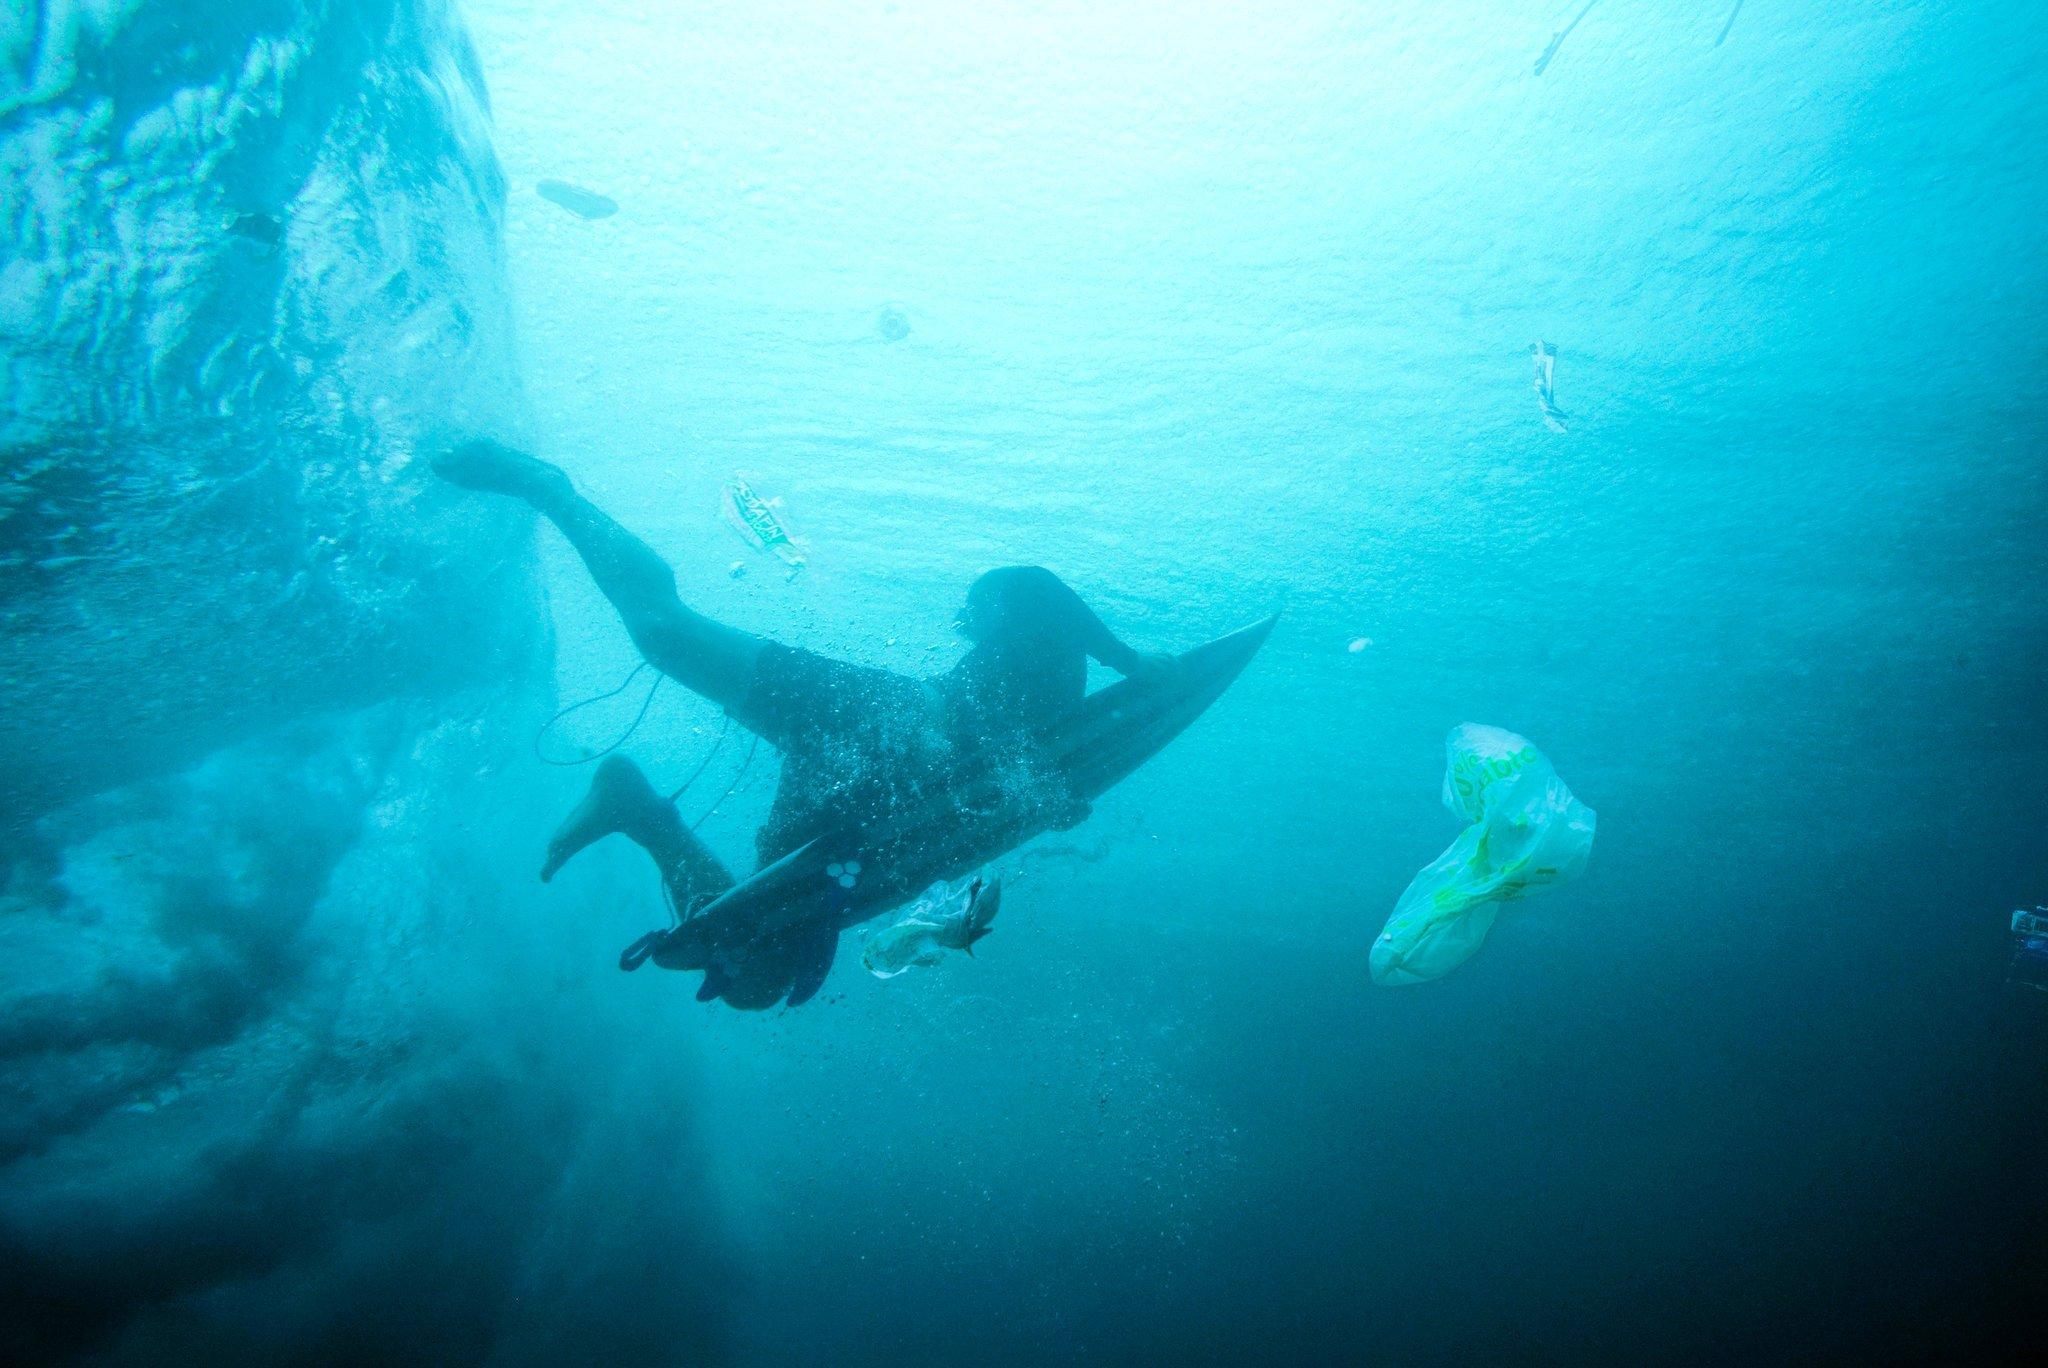 The Immense, Eternal Footprint Humanity Leaves on Earth: Plastics